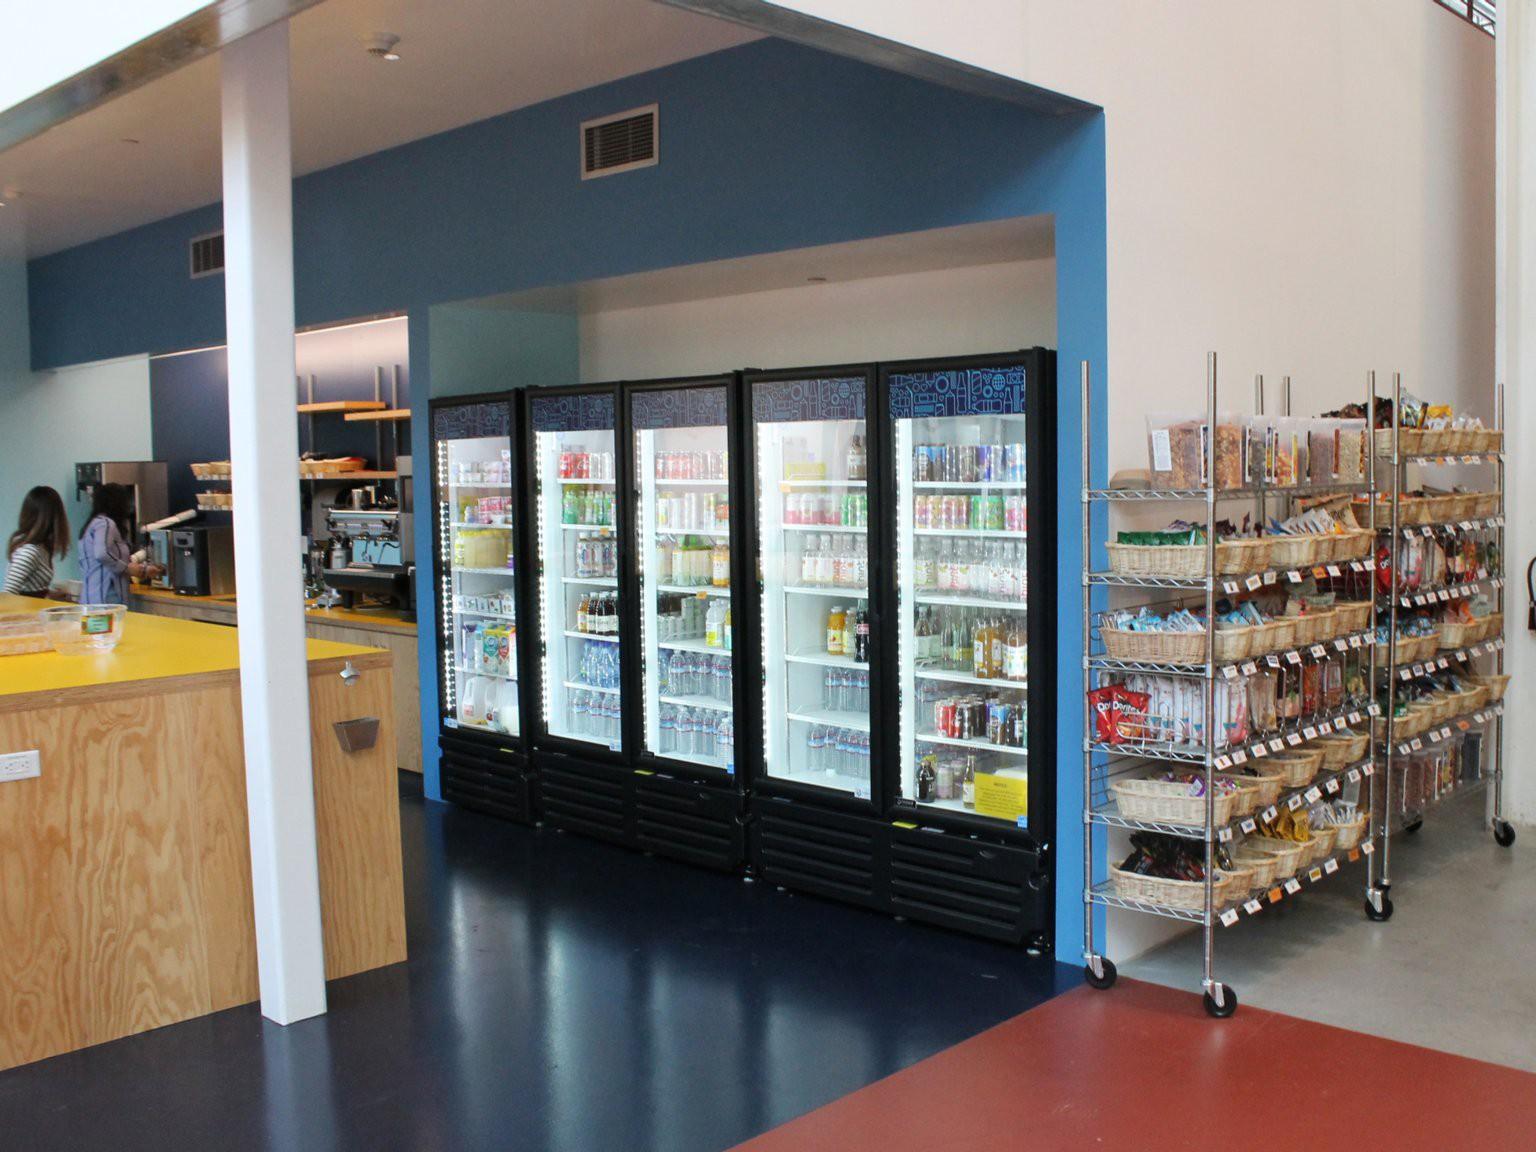 Khu vực siêu thị mini với đầy đủ thứ đồ, đặc biệt tất cả chúng đều miễn phí.